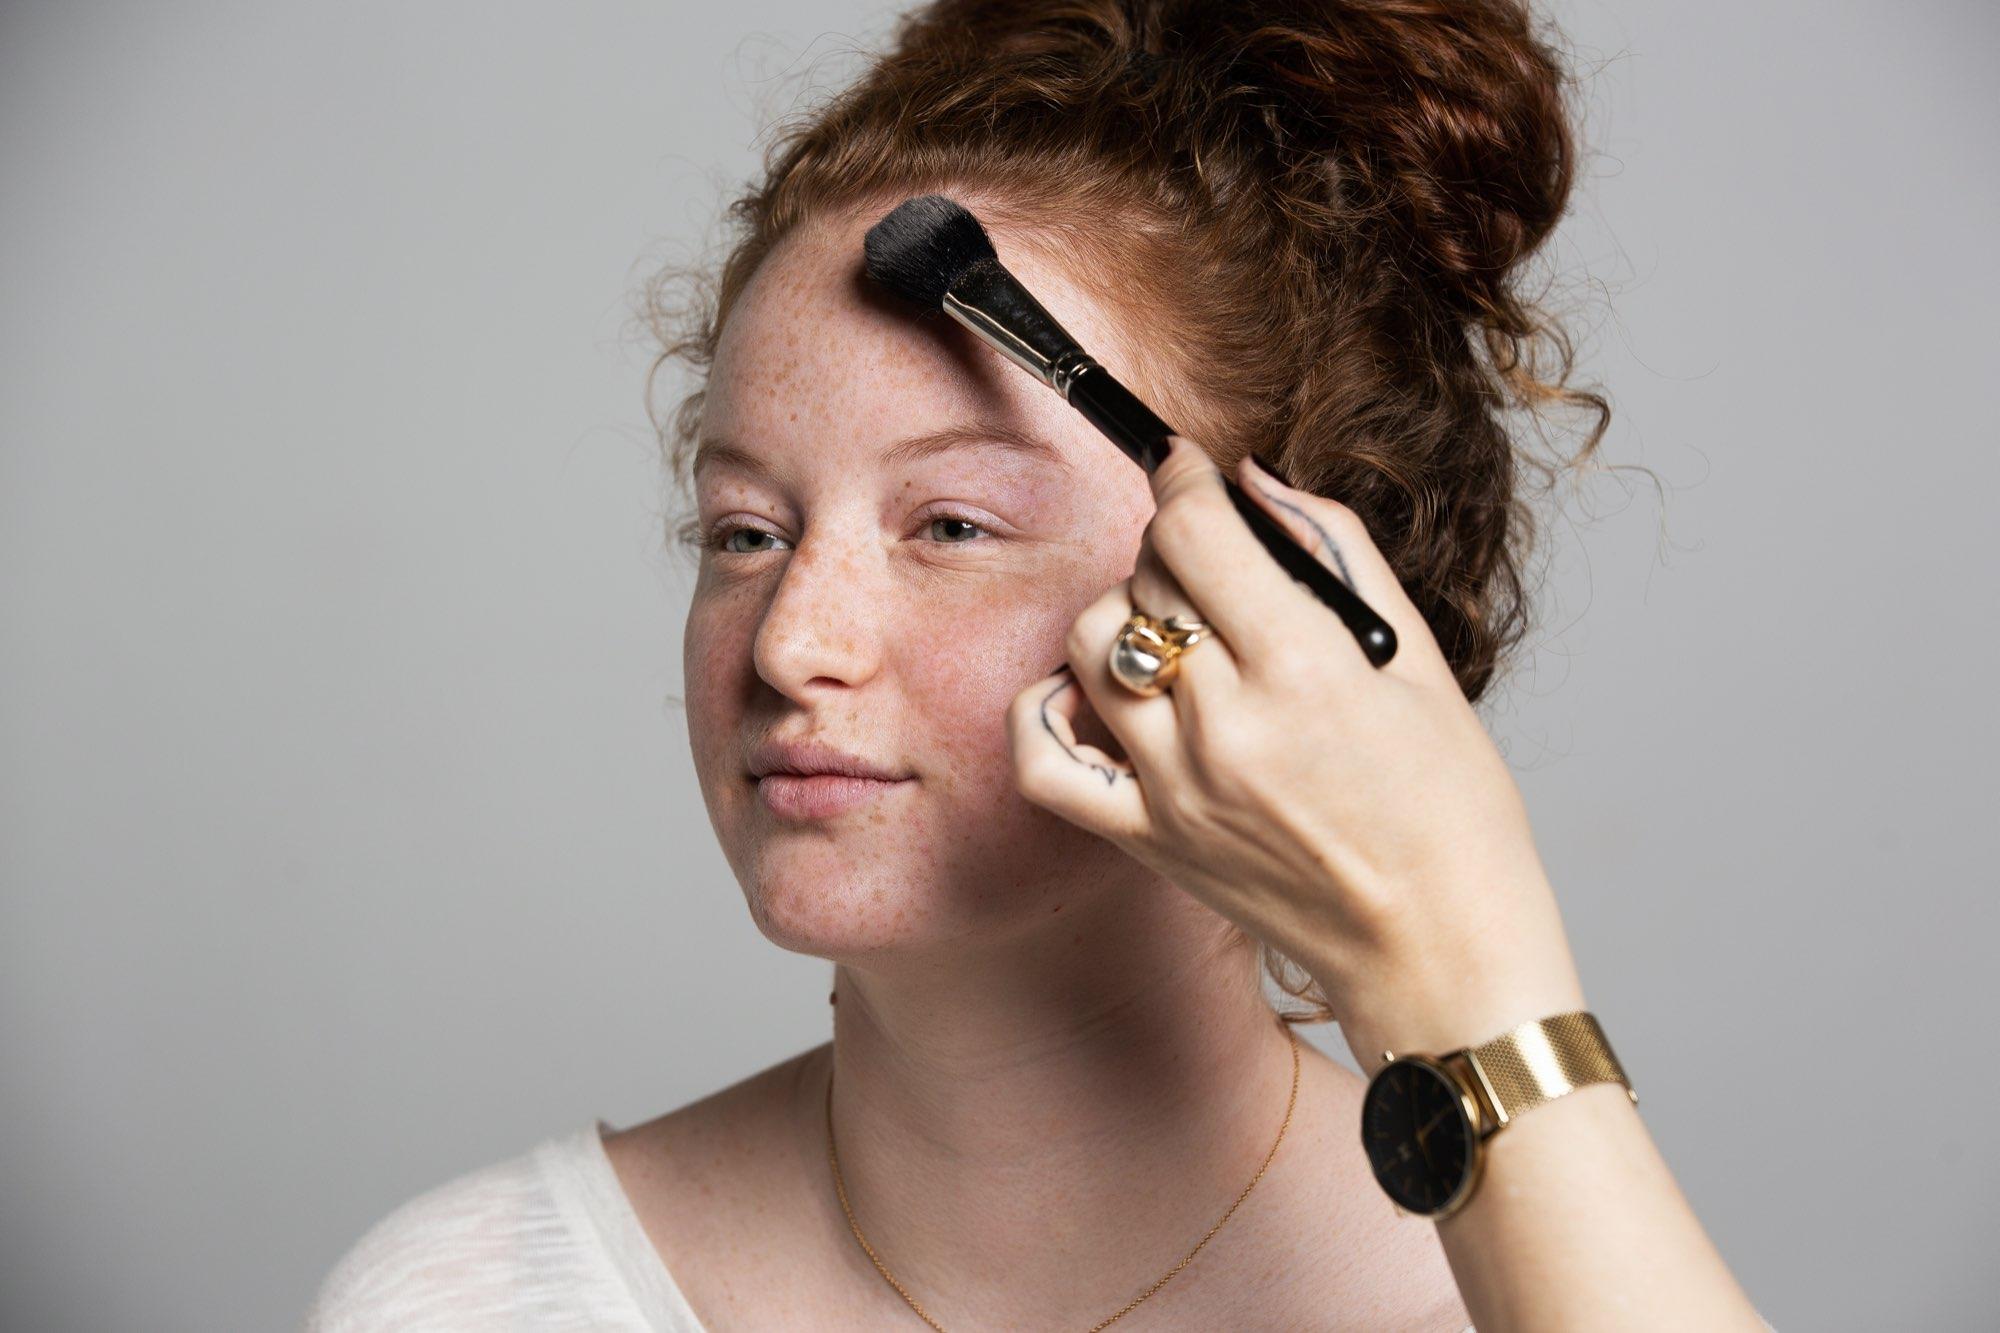 5 Minuten Makeup  - 5-minuten-makeup--ID14535-3.jpeg?v=1597756592